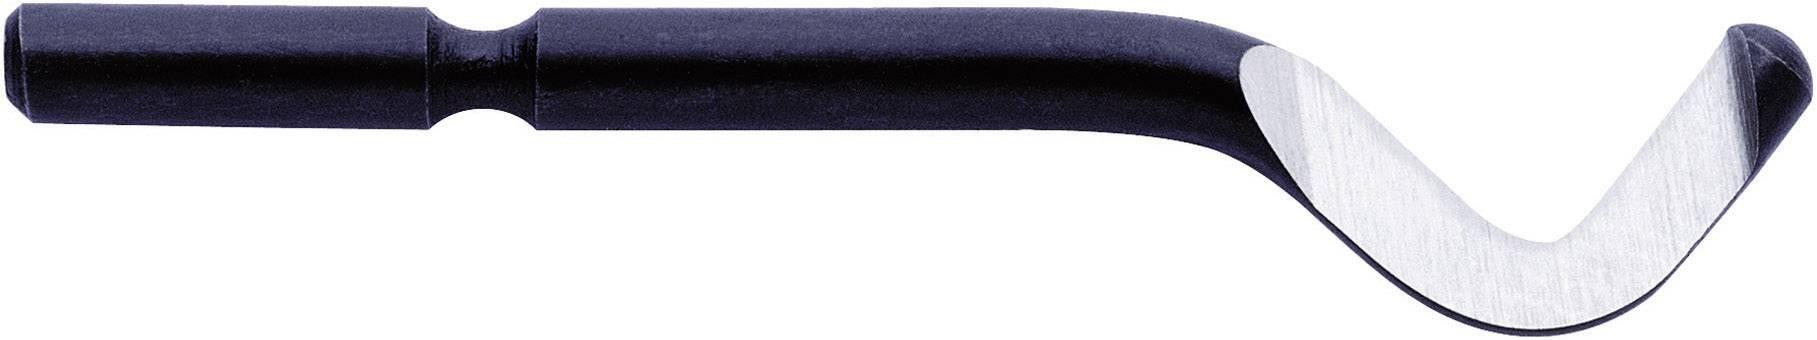 Začišťovací nůž Exact 60059, 3 ,2 mm